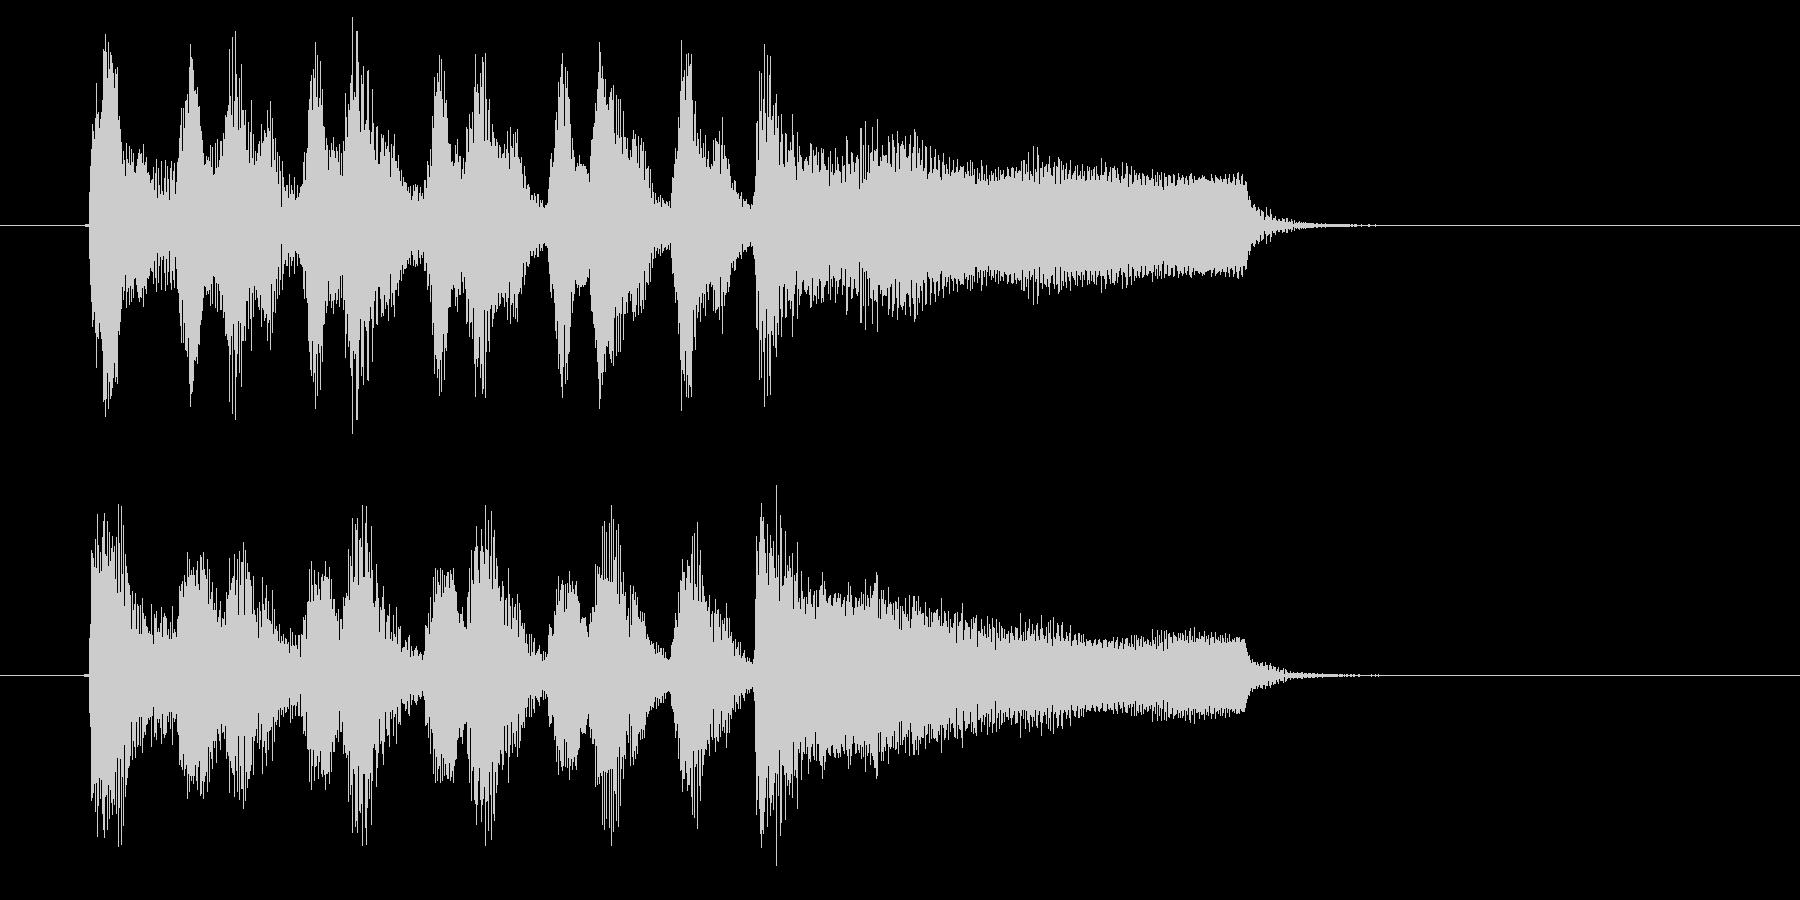 激しくミステリアスなミュージックの未再生の波形